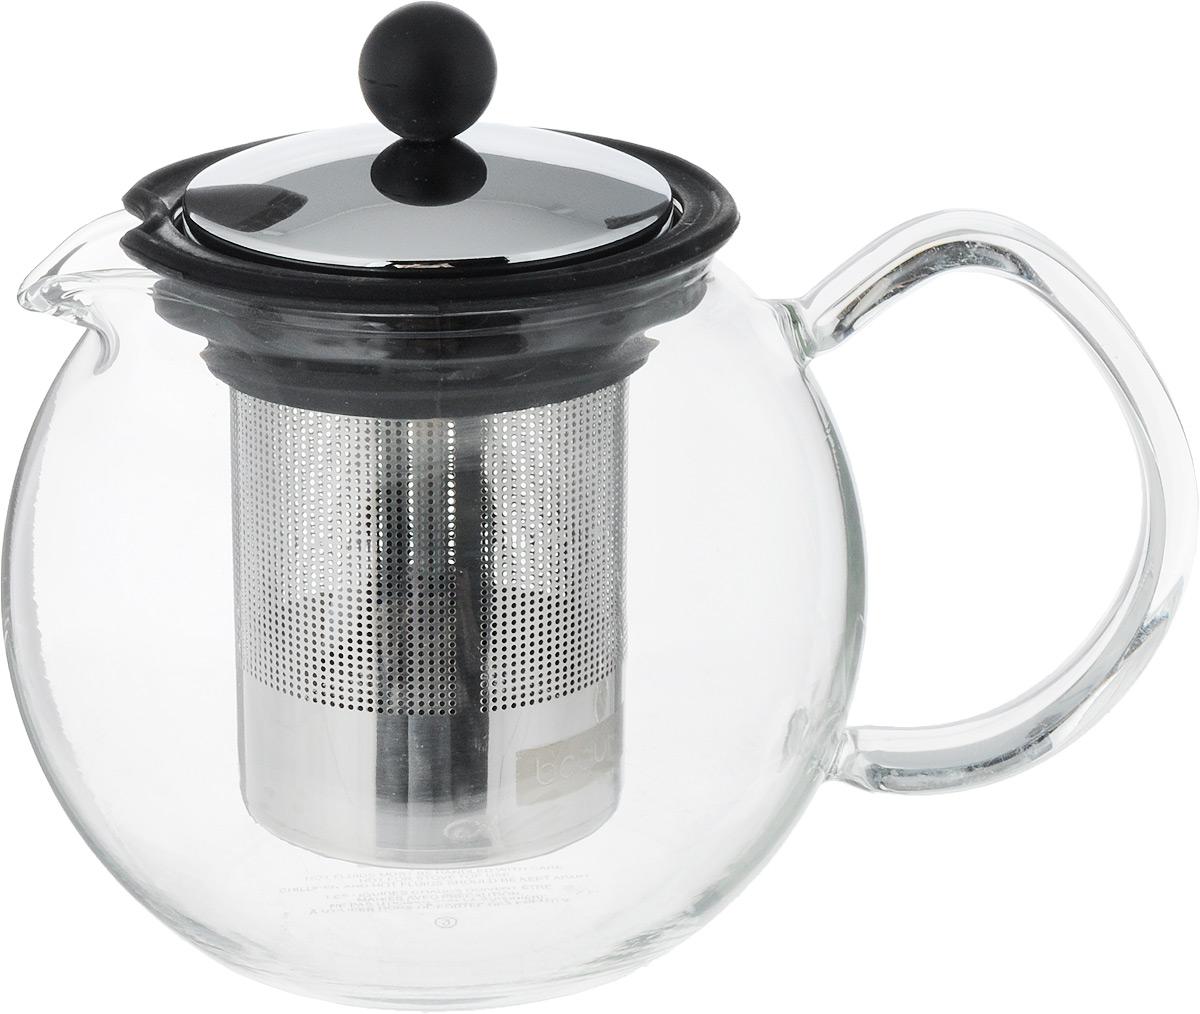 Чайник заварочный Assam, с фильтром, цвет: прозрачный, черный, 0,5 лVT-1520(SR)Заварочный чайник Assam изготовлен из высококачественного пластика и жаропрочного стекла (до 100°С). Чайник имеет пластиковый фильтр с прессом и оснащен удобной ручкой. Он прекрасно подойдет для заваривания чая и травяных напитков.Такой заварочный чайник займет достойное место на вашей кухне.Высота чайника (без учета крышки): 11,5 см.Высота чайника (с учетом крышки): 13 см. Диаметр основания: 6,5 см.